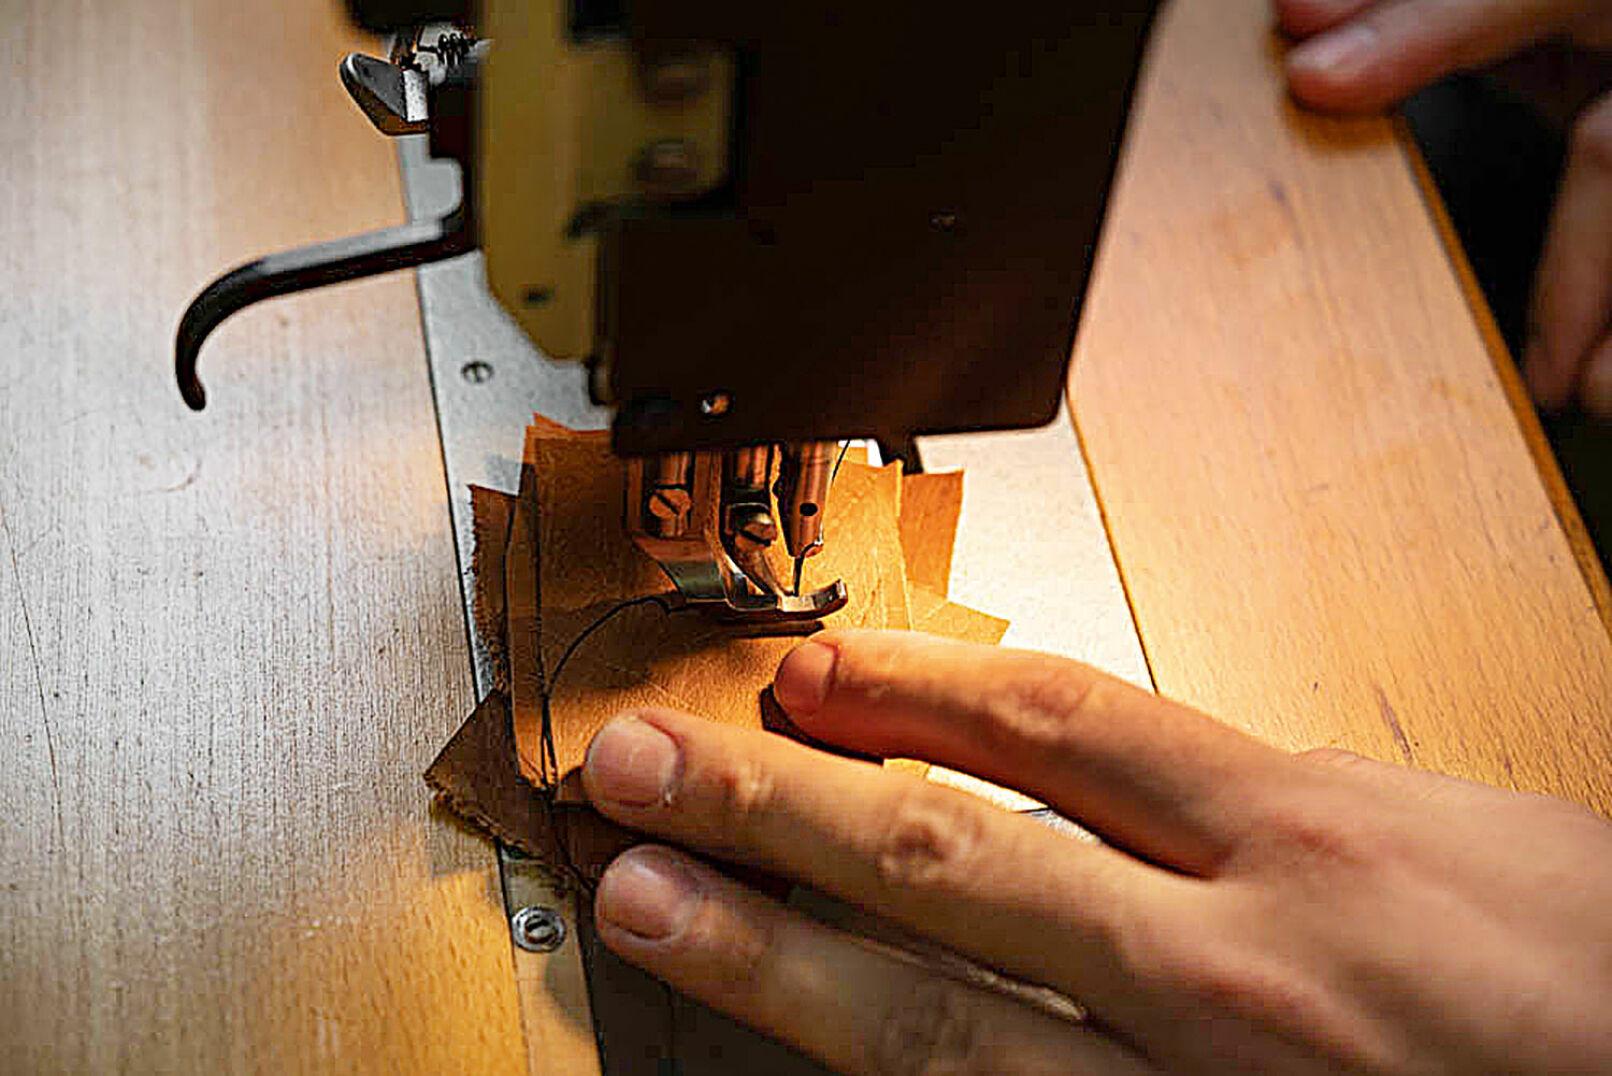 Der Taschner demonstriert, dass die Pfaff-Nähmaschine auch mit mehreren Lagen Leder zurechtkommt. - © Barbara Marko